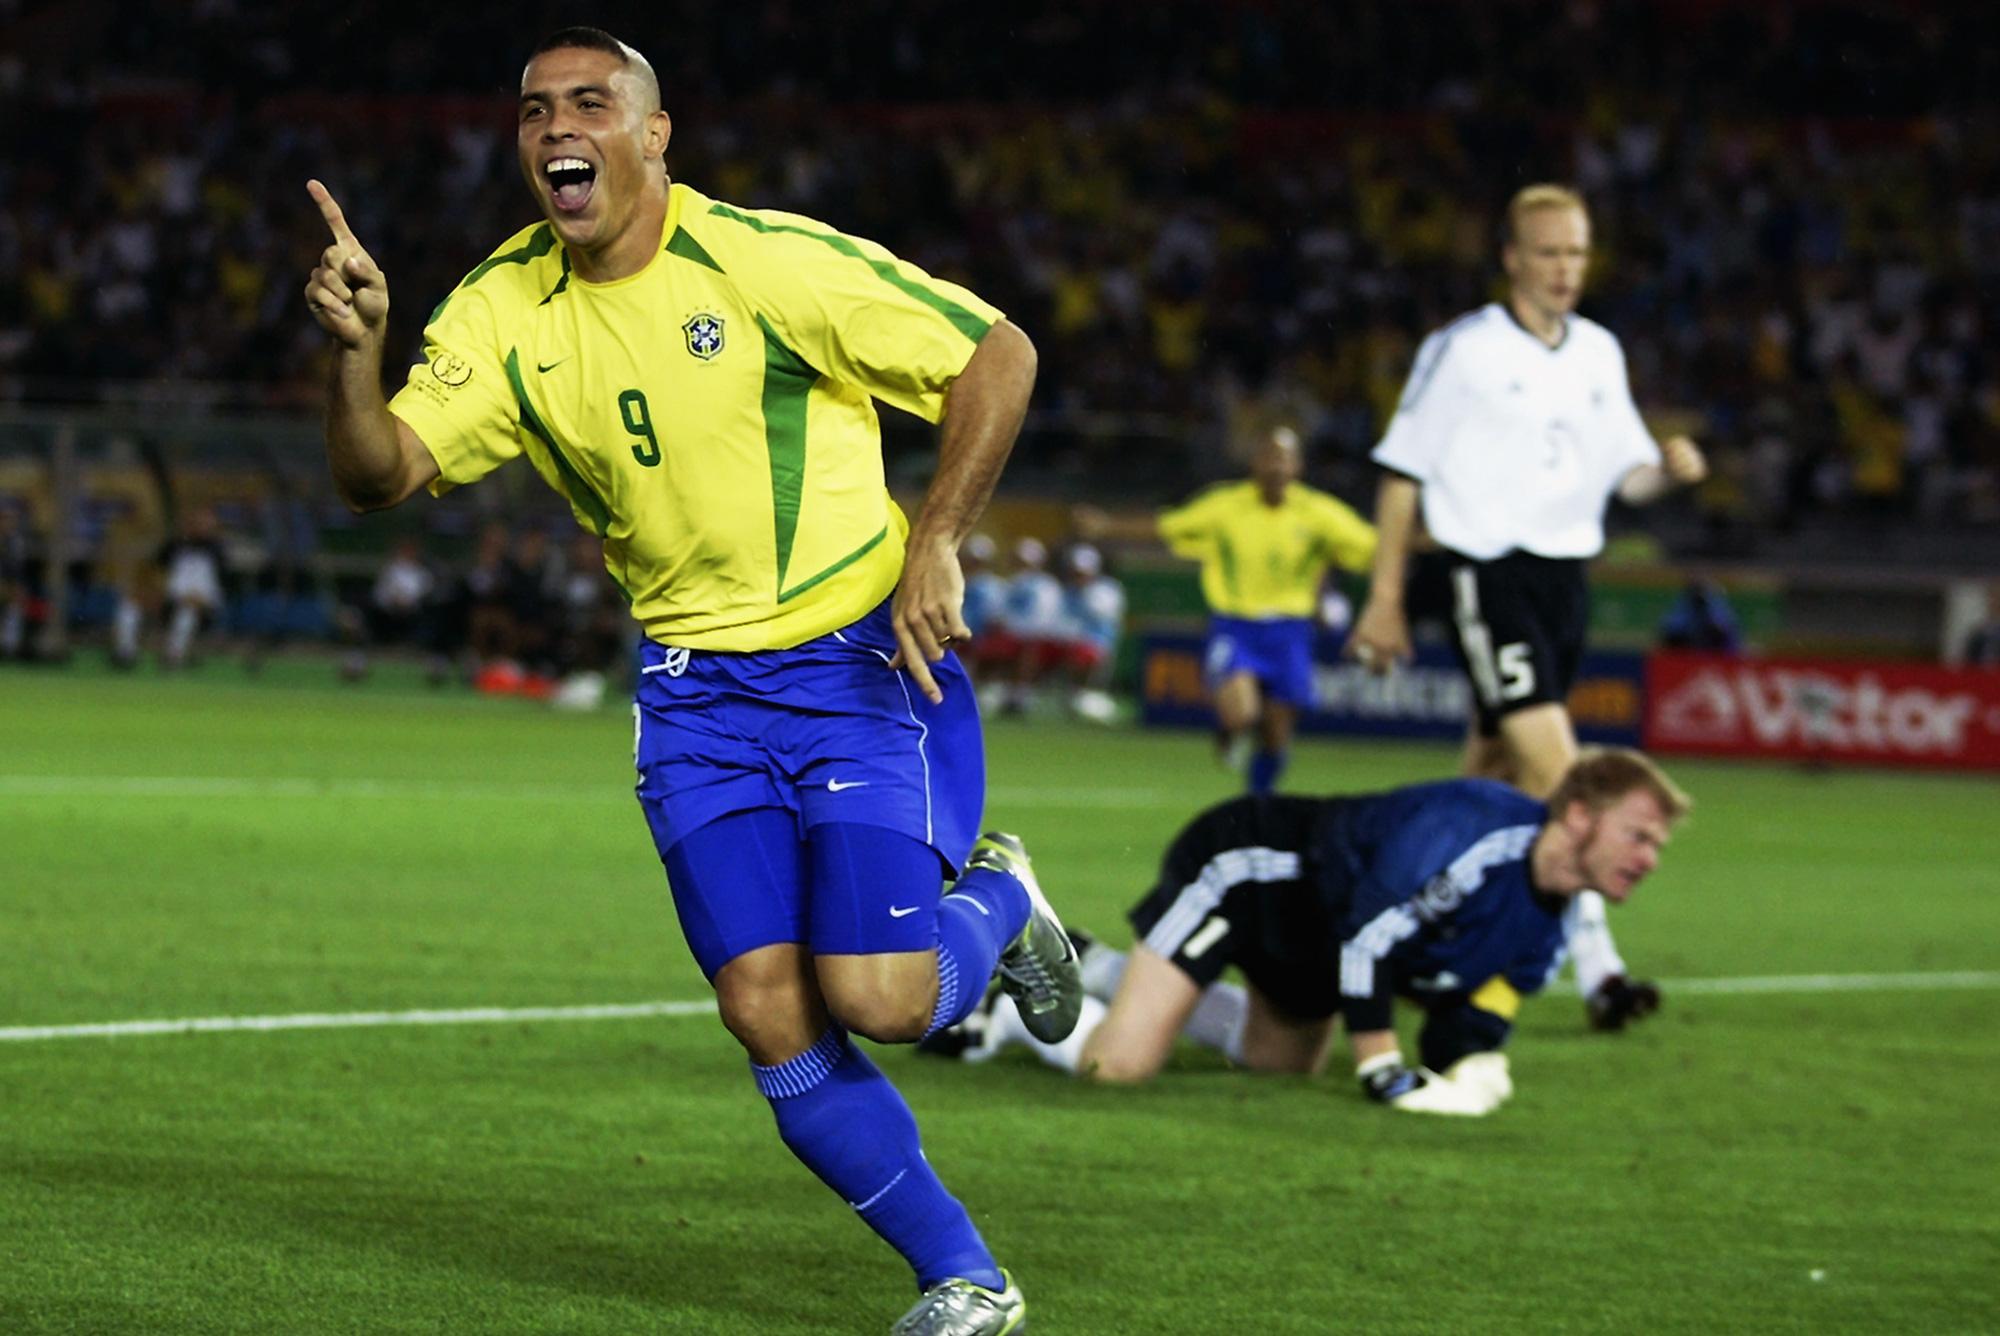 """5 cầu thủ vĩ đại nhất Nam Mỹ: Messi xếp trên Ronaldo """"béo"""" - Ảnh 4."""